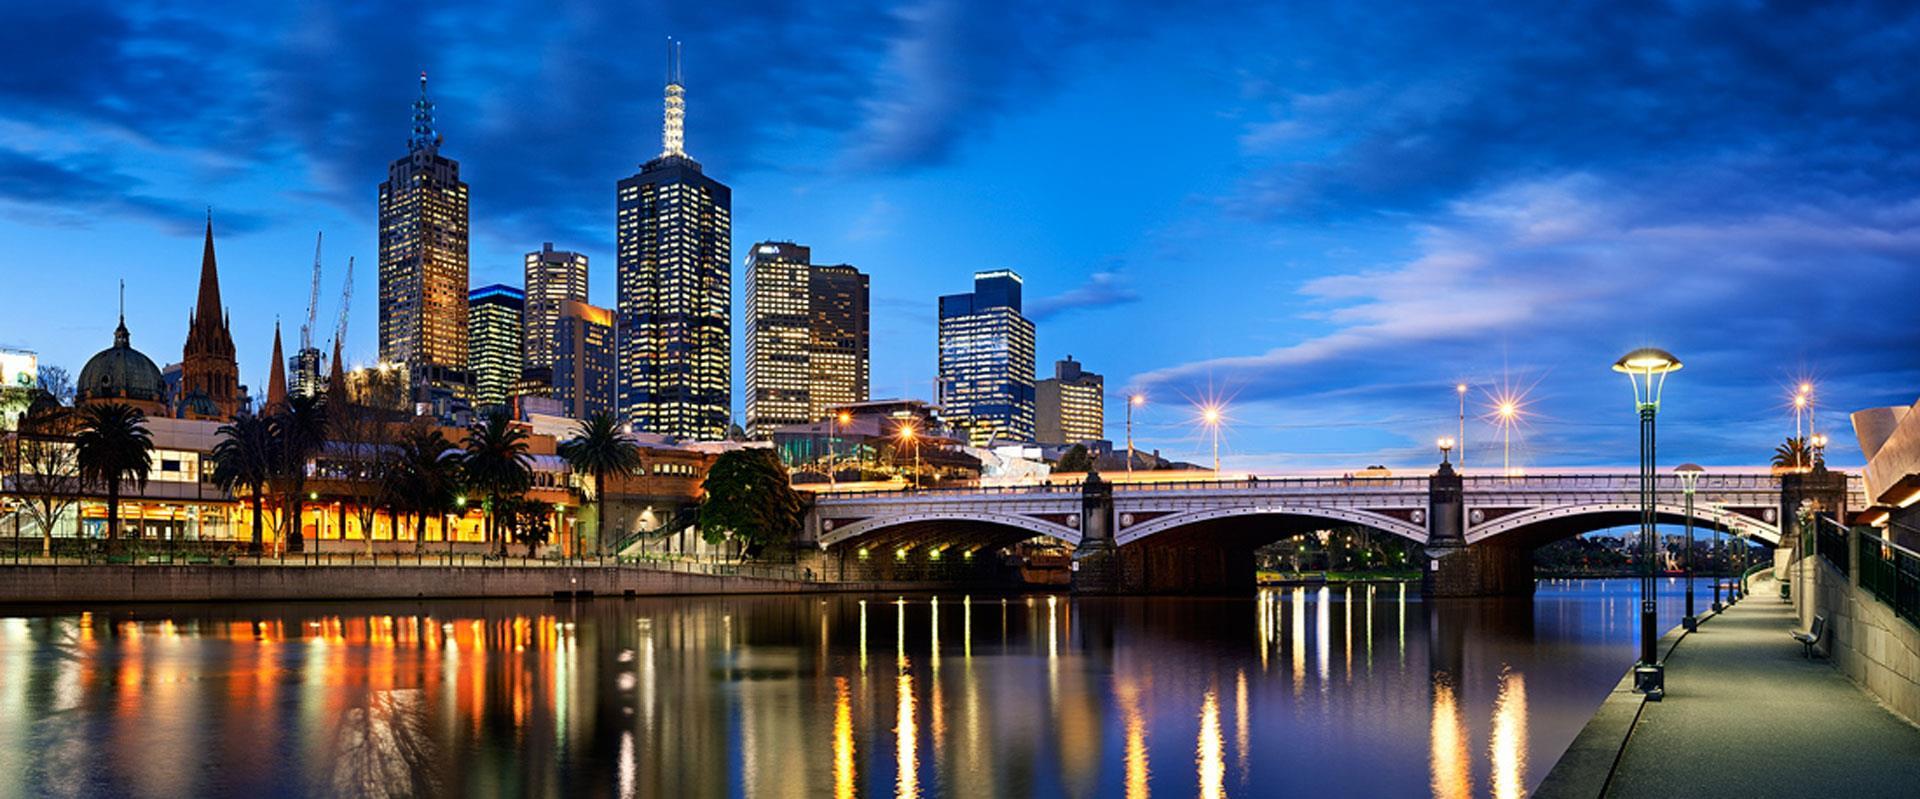 تور استرالیا ویژه عید نوروز